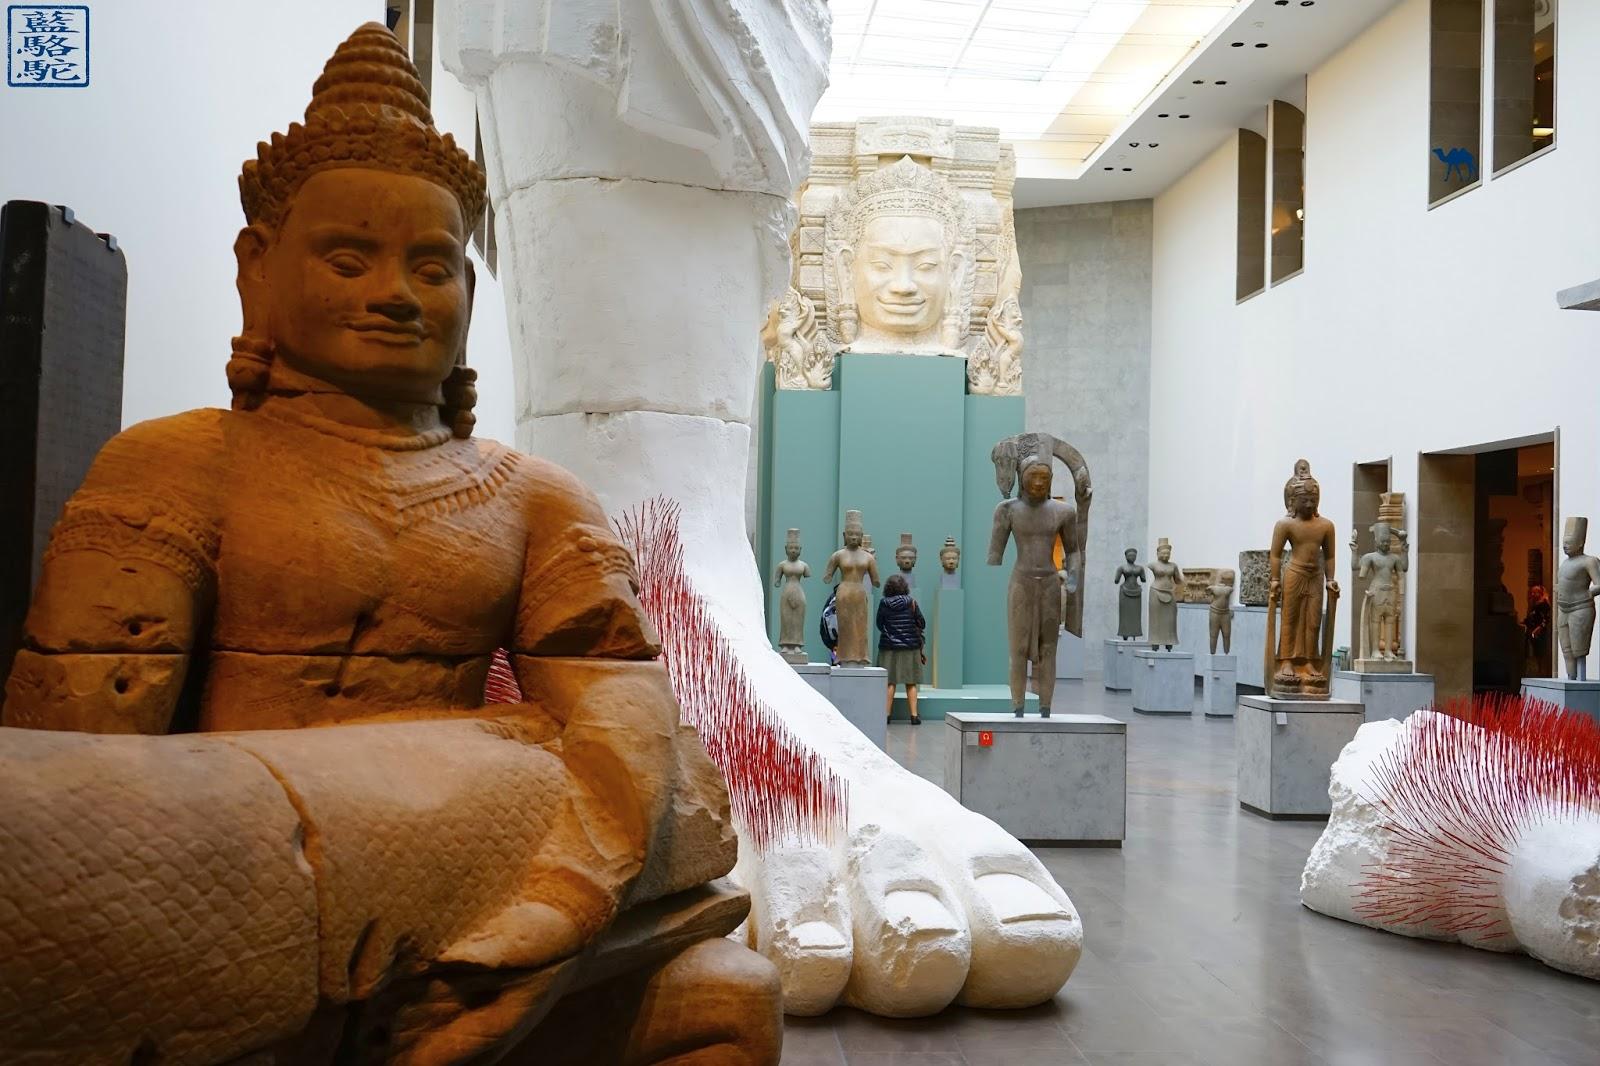 Le Chameau Bleu - Musée Guimet  - Bouddha & oeuvre de NOurry